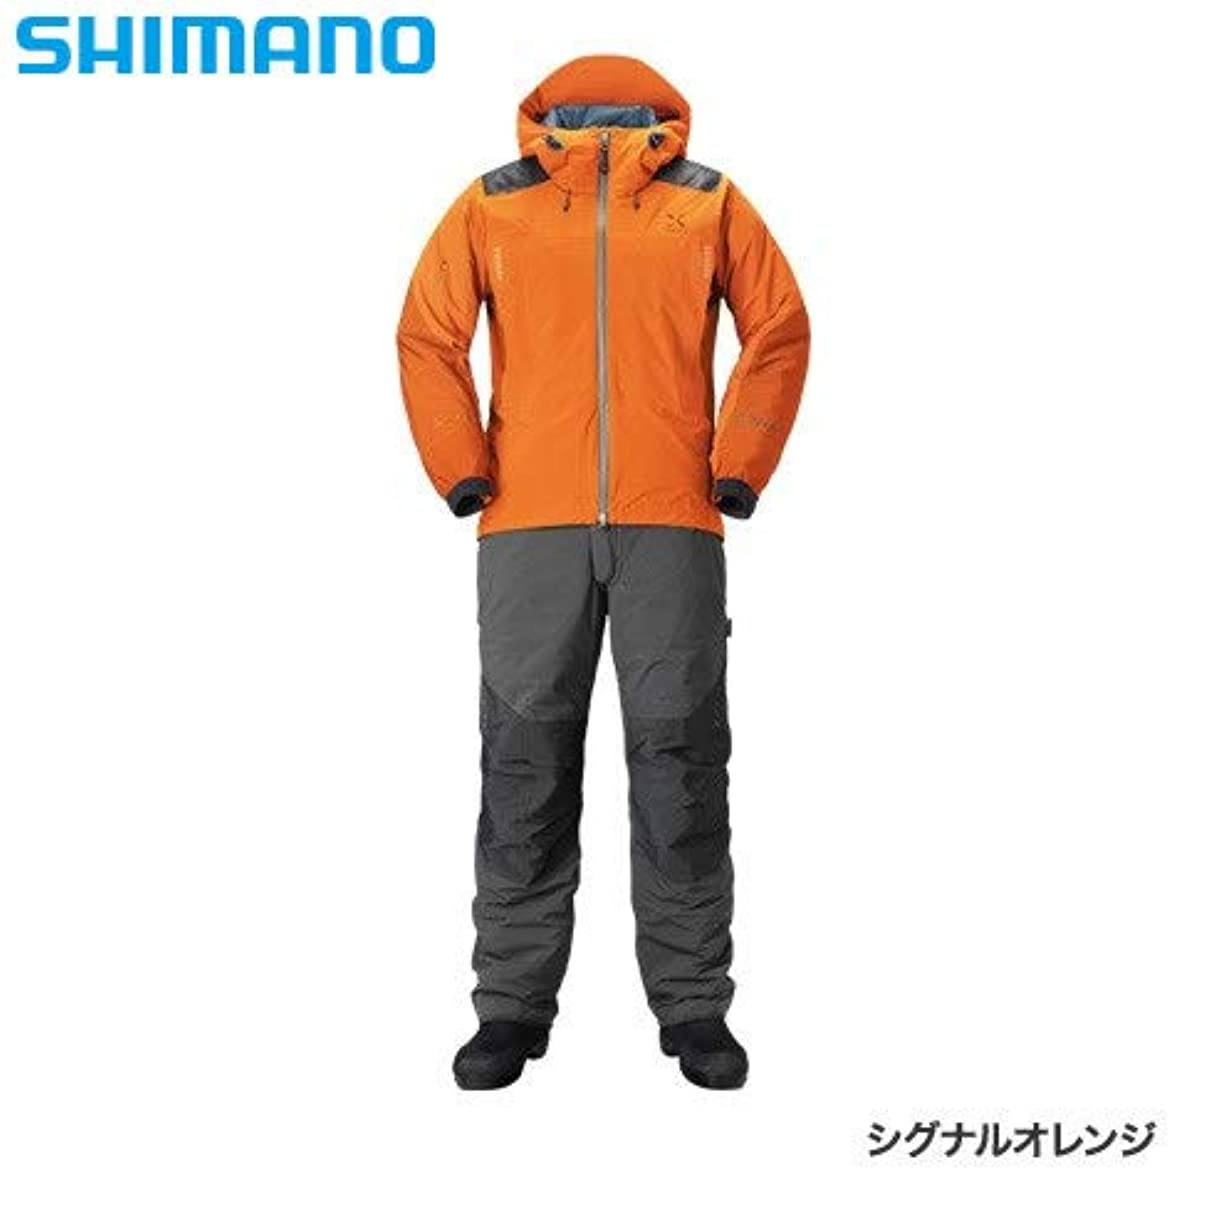 公園夕方集団的シマノ XEFO ストレッチ ストレッチ ウォームスーツ RB-224R シグナルオレンジ L